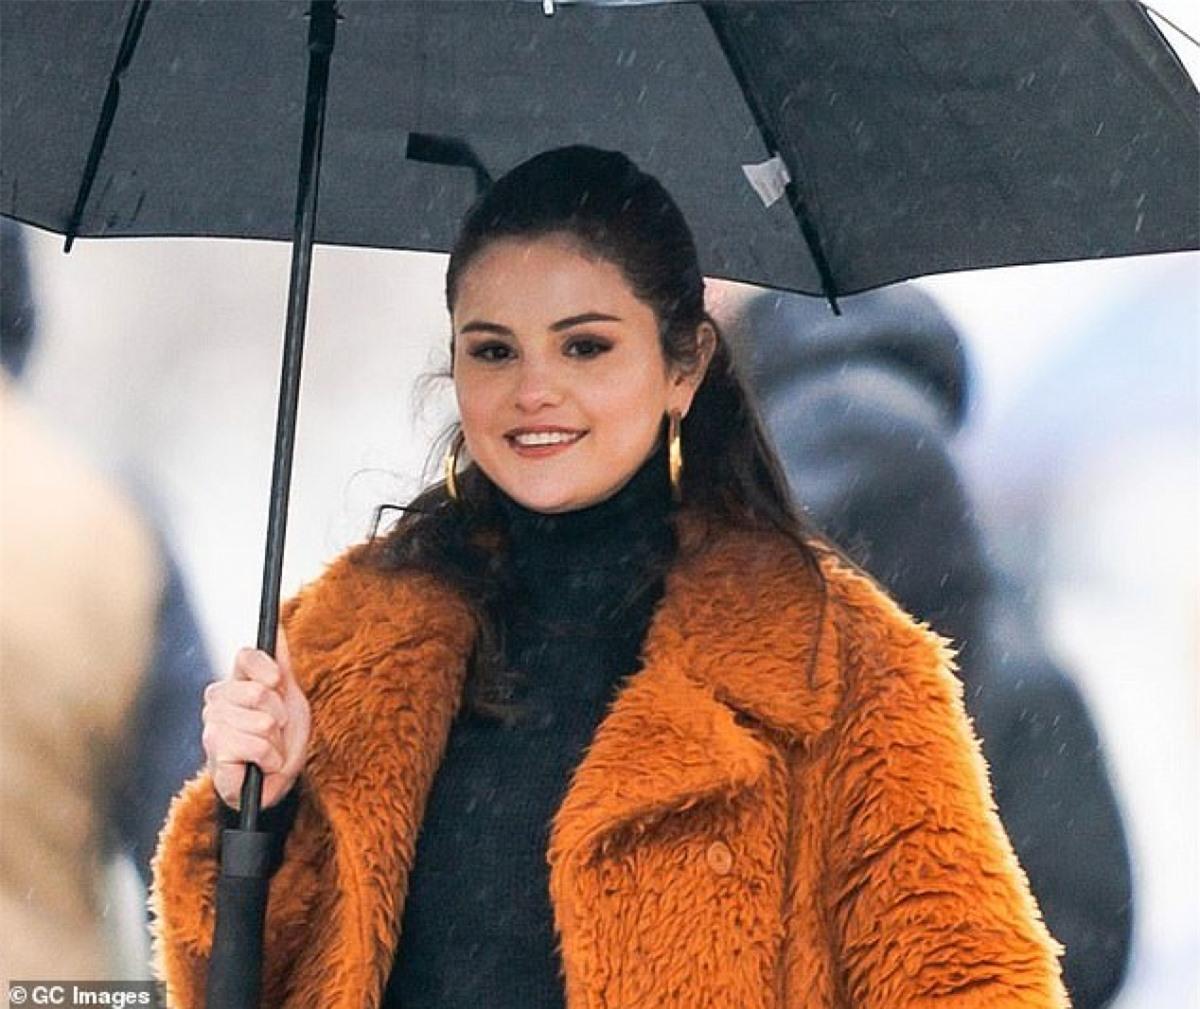 """Thời gian này, Selena Gomez dần trở lại với công việc sau thời gian """"ở ẩn""""."""